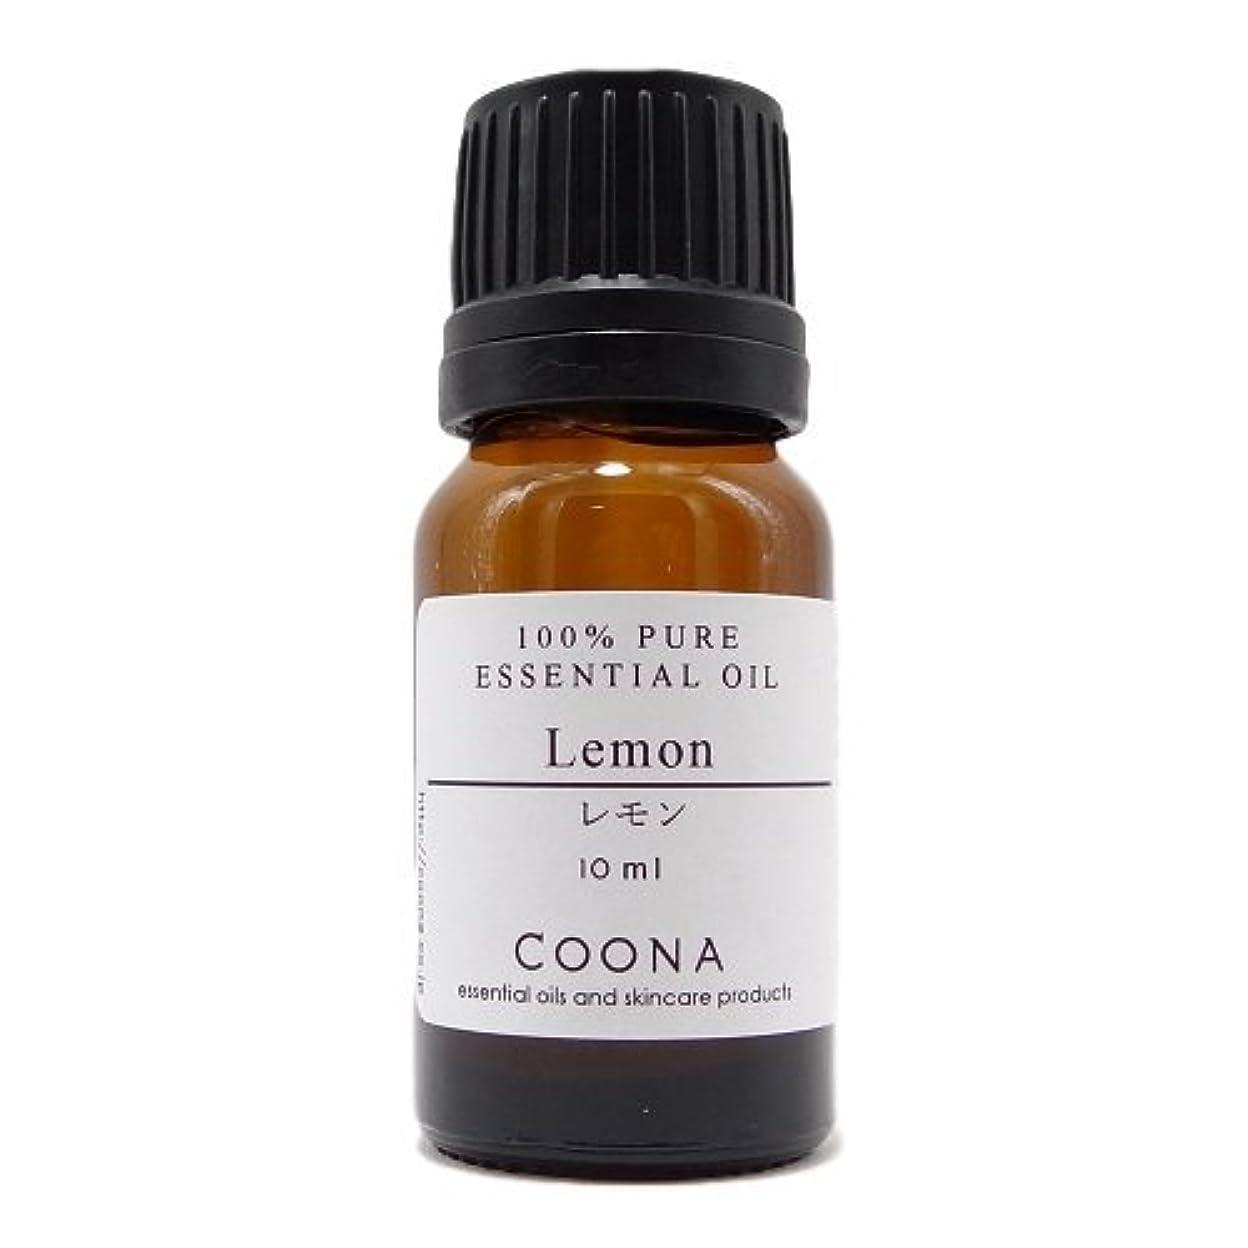 柔らかい一部しなやかなレモン 10ml (COONA エッセンシャルオイル アロマオイル 100%天然植物精油)